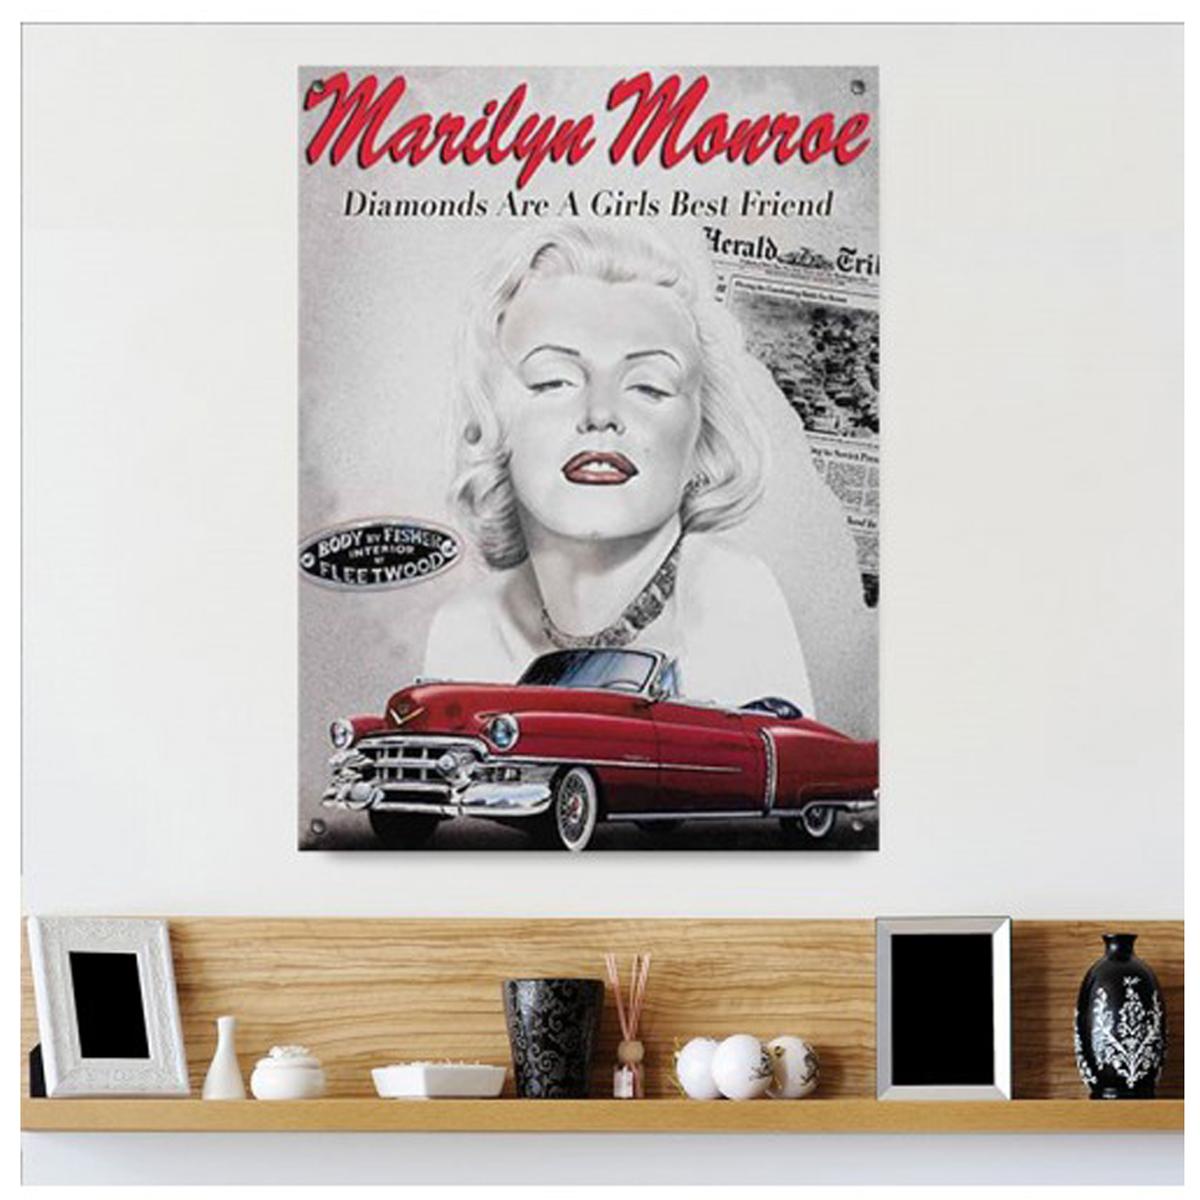 Plaque métal rétro \'Marilyn Monroe\' cadillac (Diamonds are a girls best friend) - 40x30 cm - [Q9180]